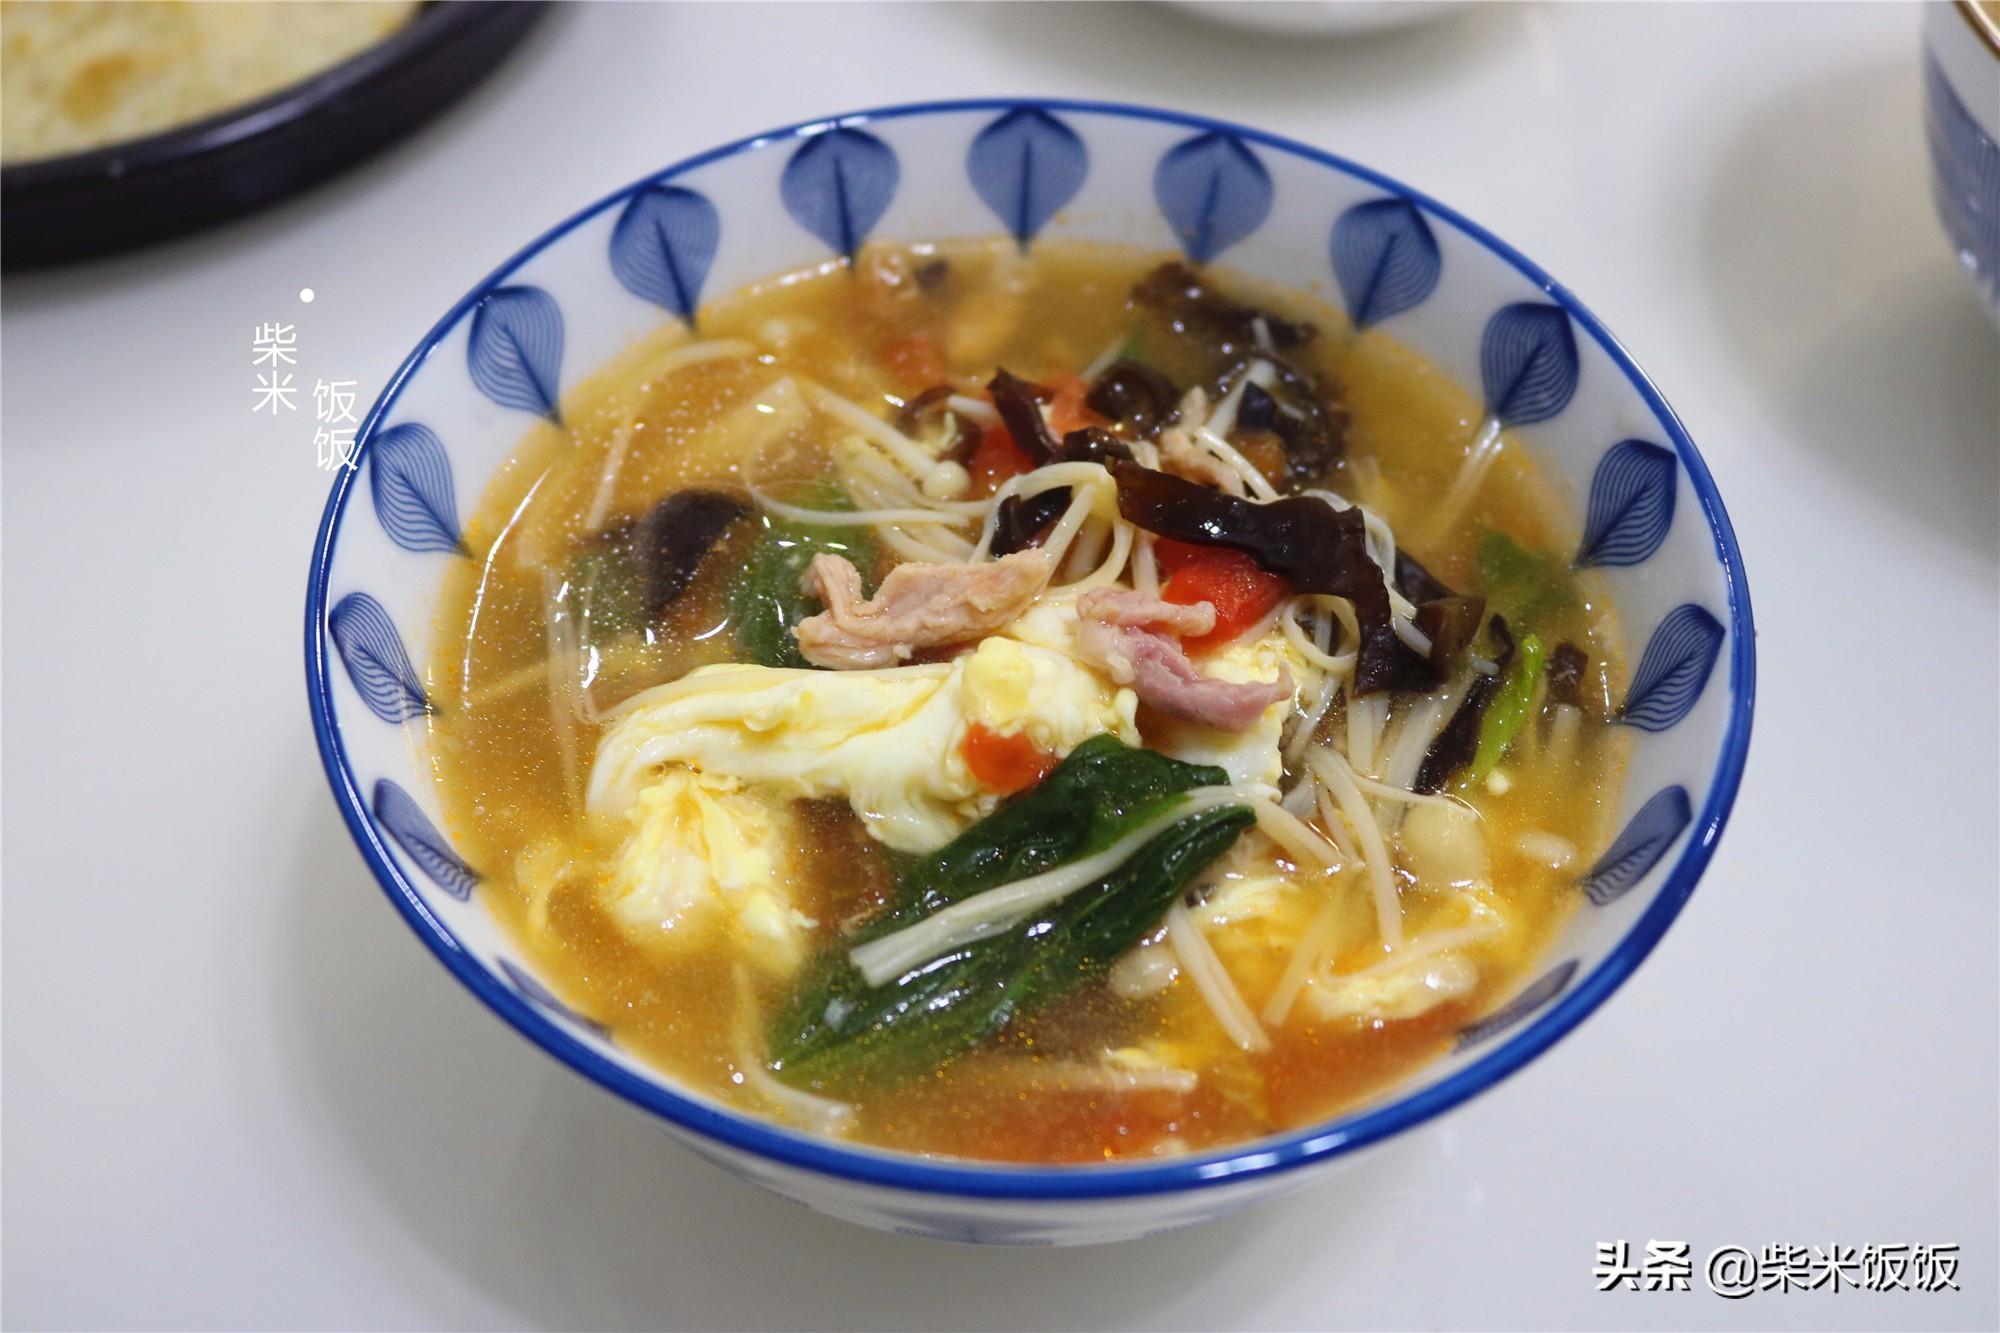 三伏天,用这些食材来煮汤,营养丰富不油腻,晚餐吃最合适